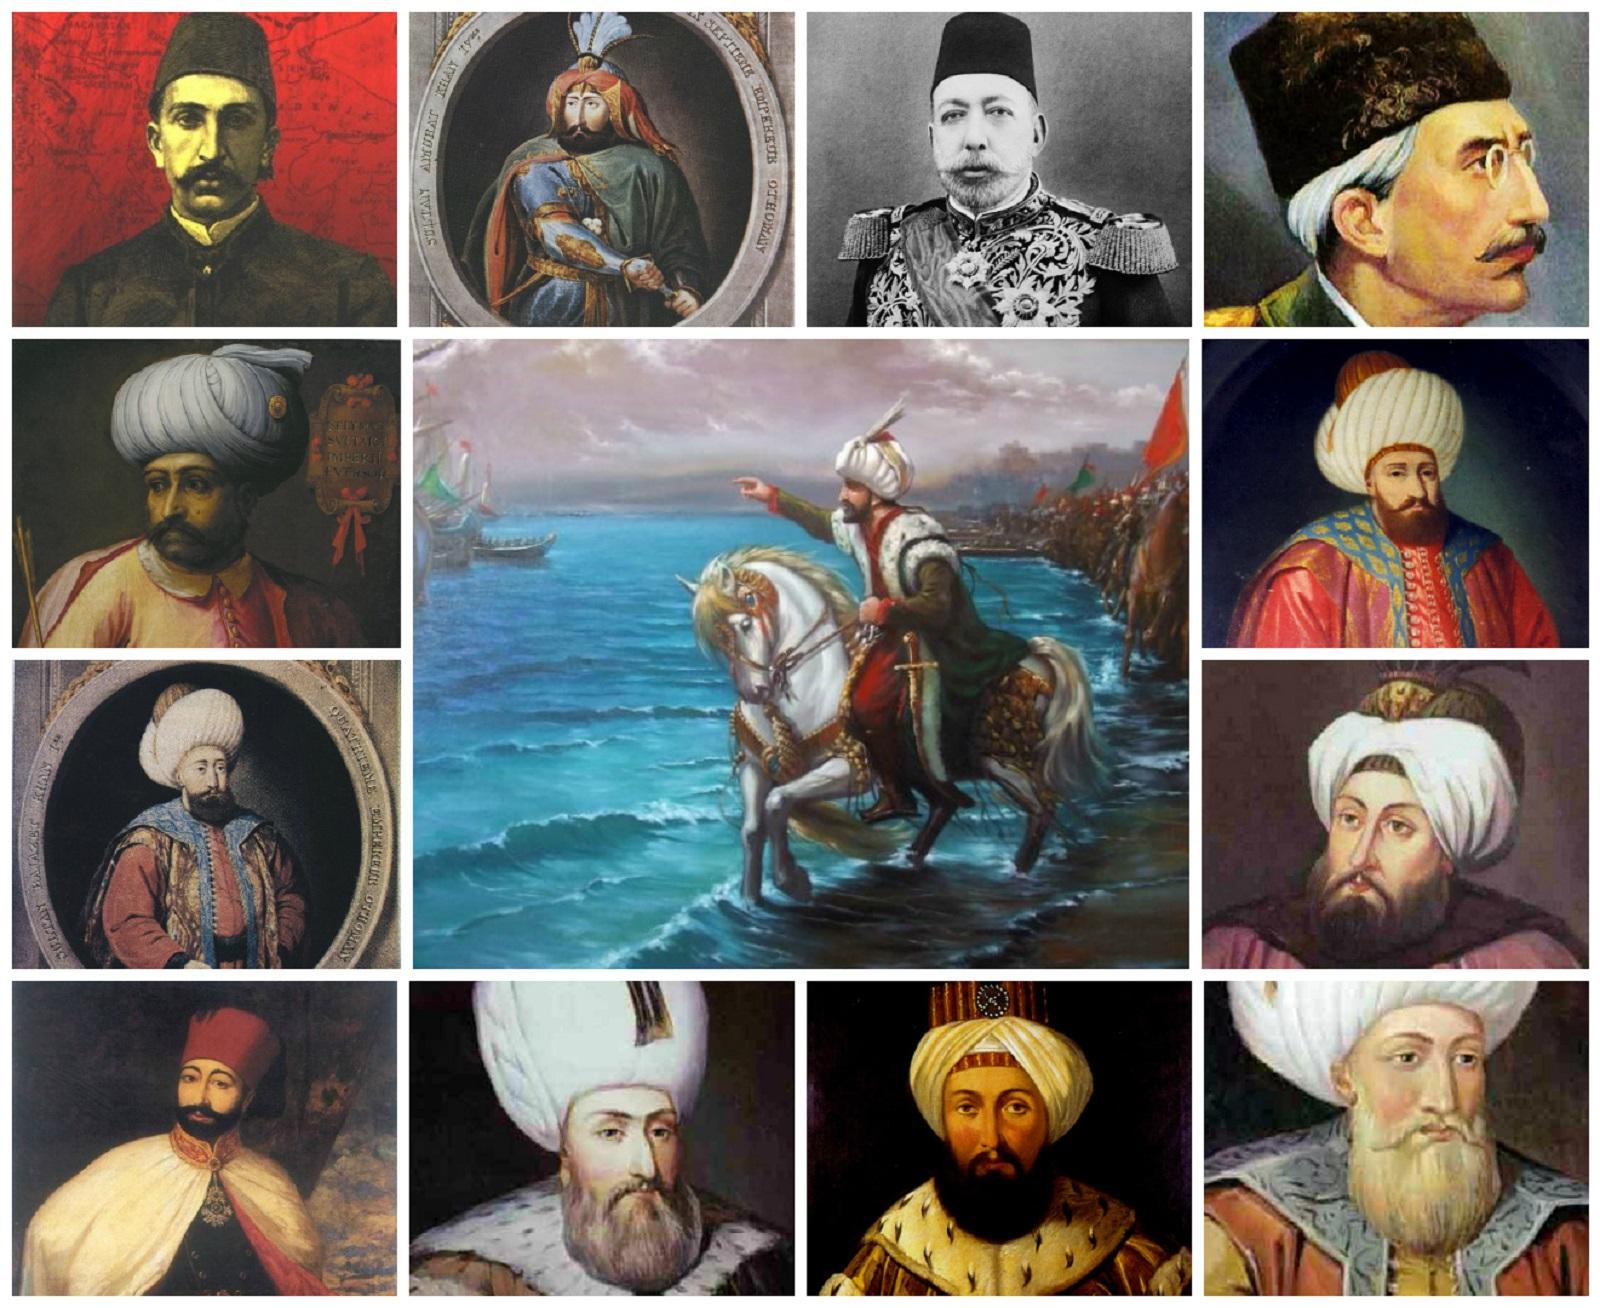 Tüm Osmanlı Padişahları Eşleri Hanım Haseki Sultanlar Valide Sultanları Listesi Saltanat Yılları